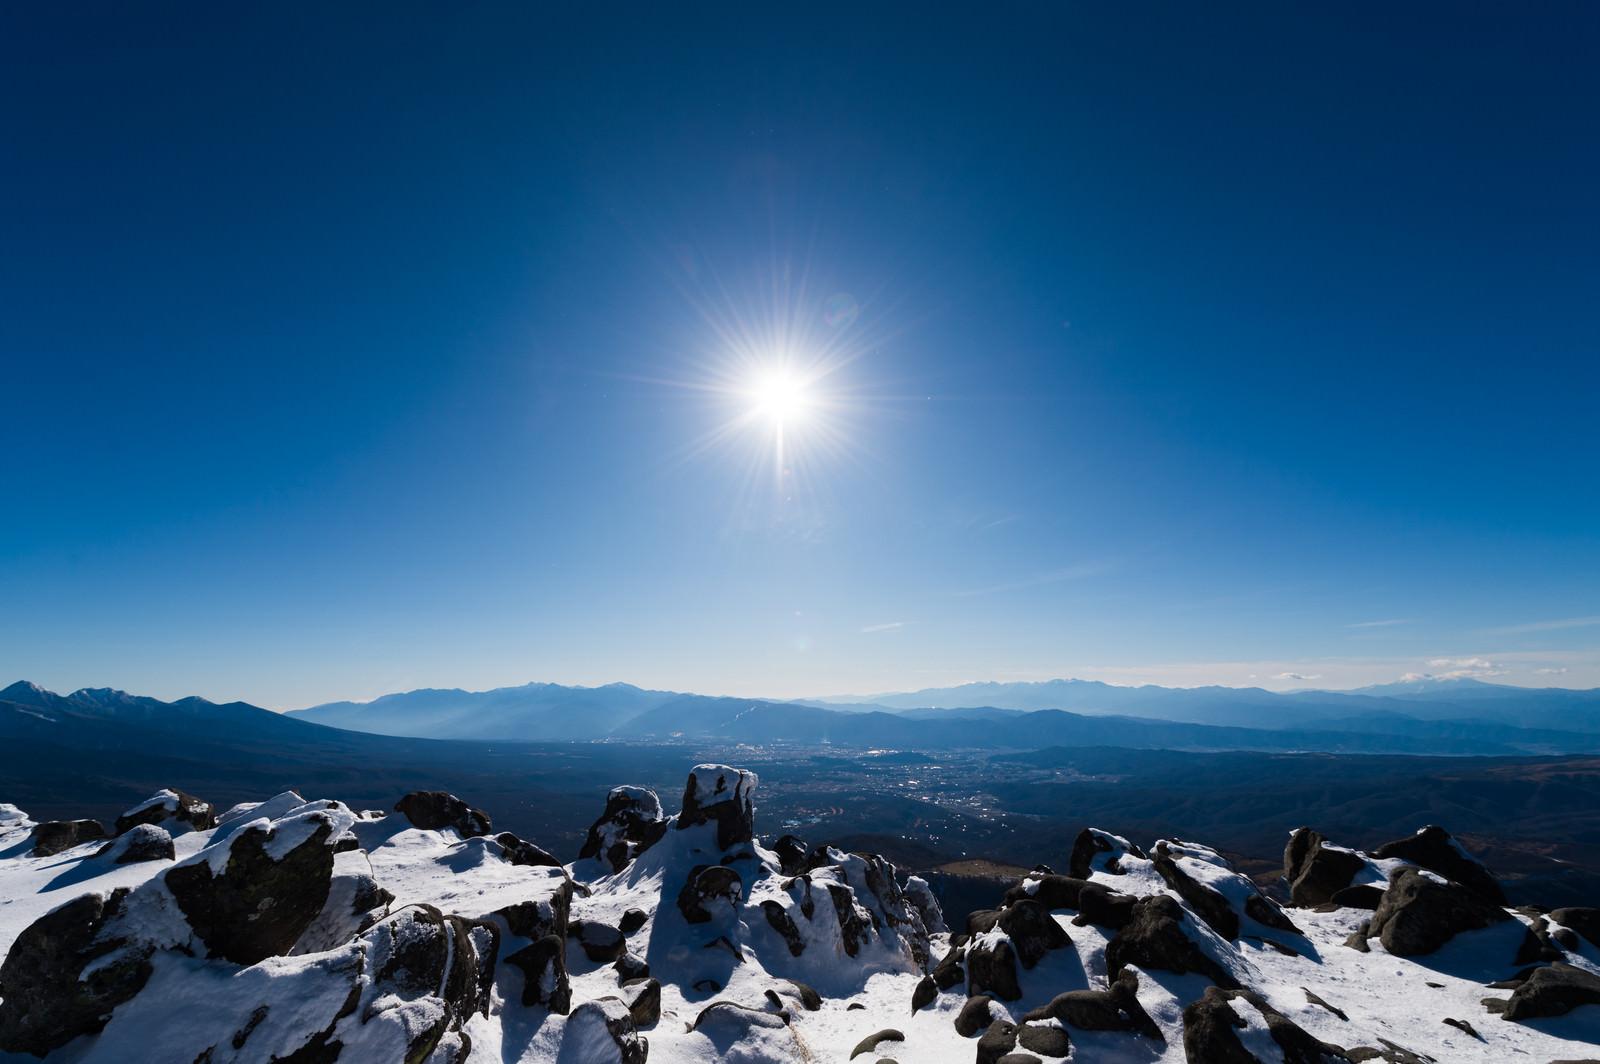 「厳冬期の蓼科山山頂からの一望 | 写真の無料素材・フリー素材 - ぱくたそ」の写真